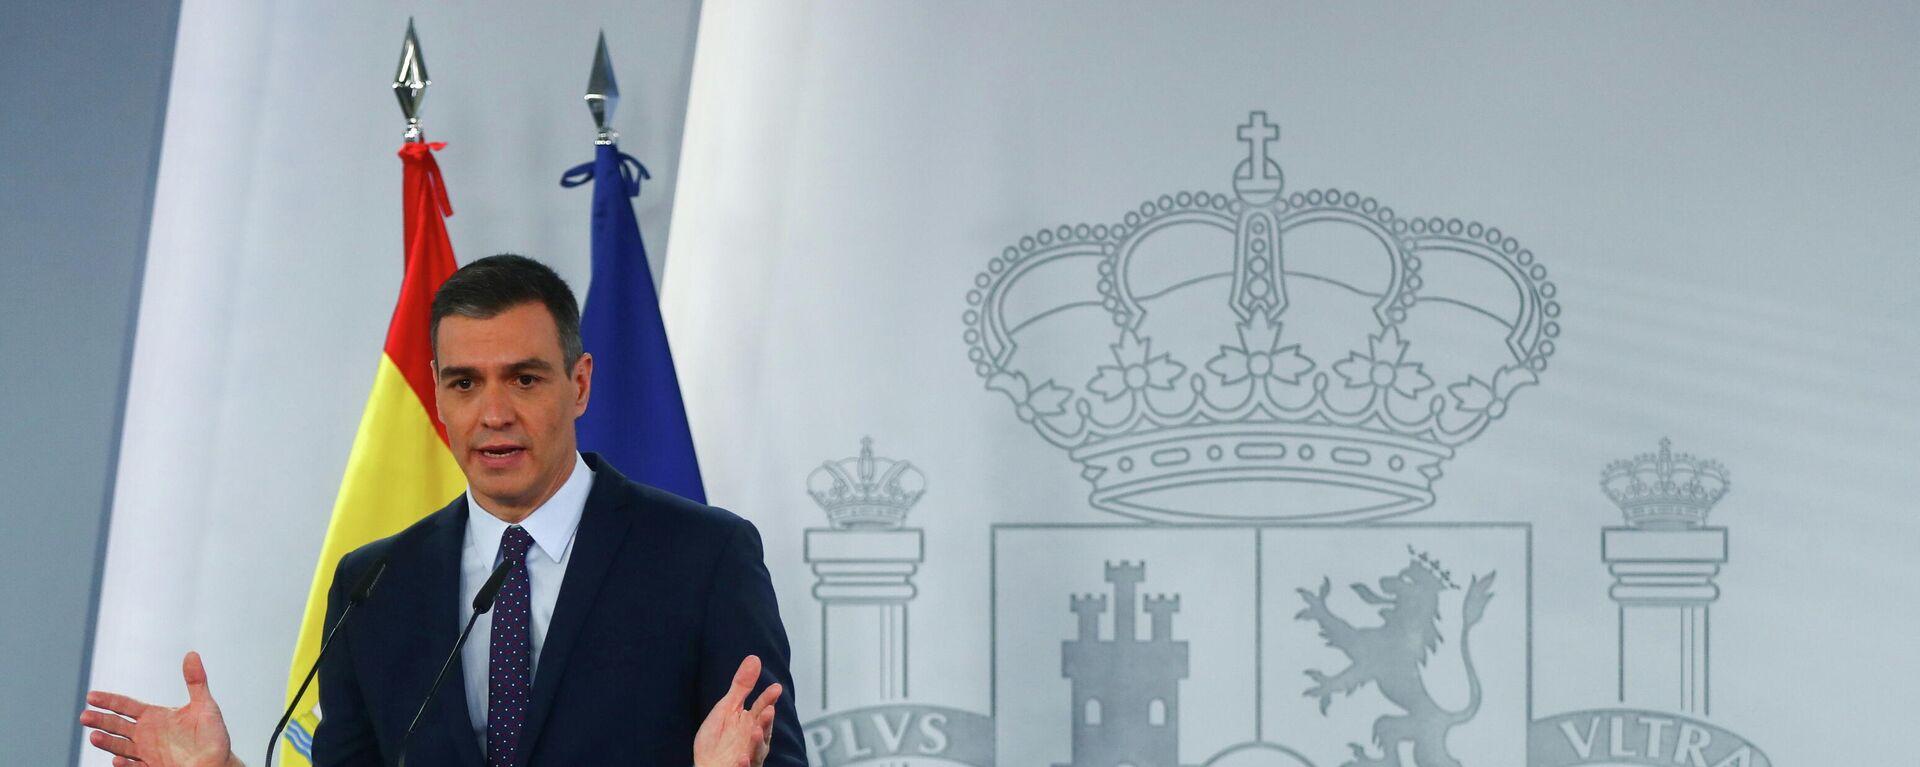 Pedro Sánchez, el presidente del Gobierno de España - Sputnik Mundo, 1920, 23.04.2021